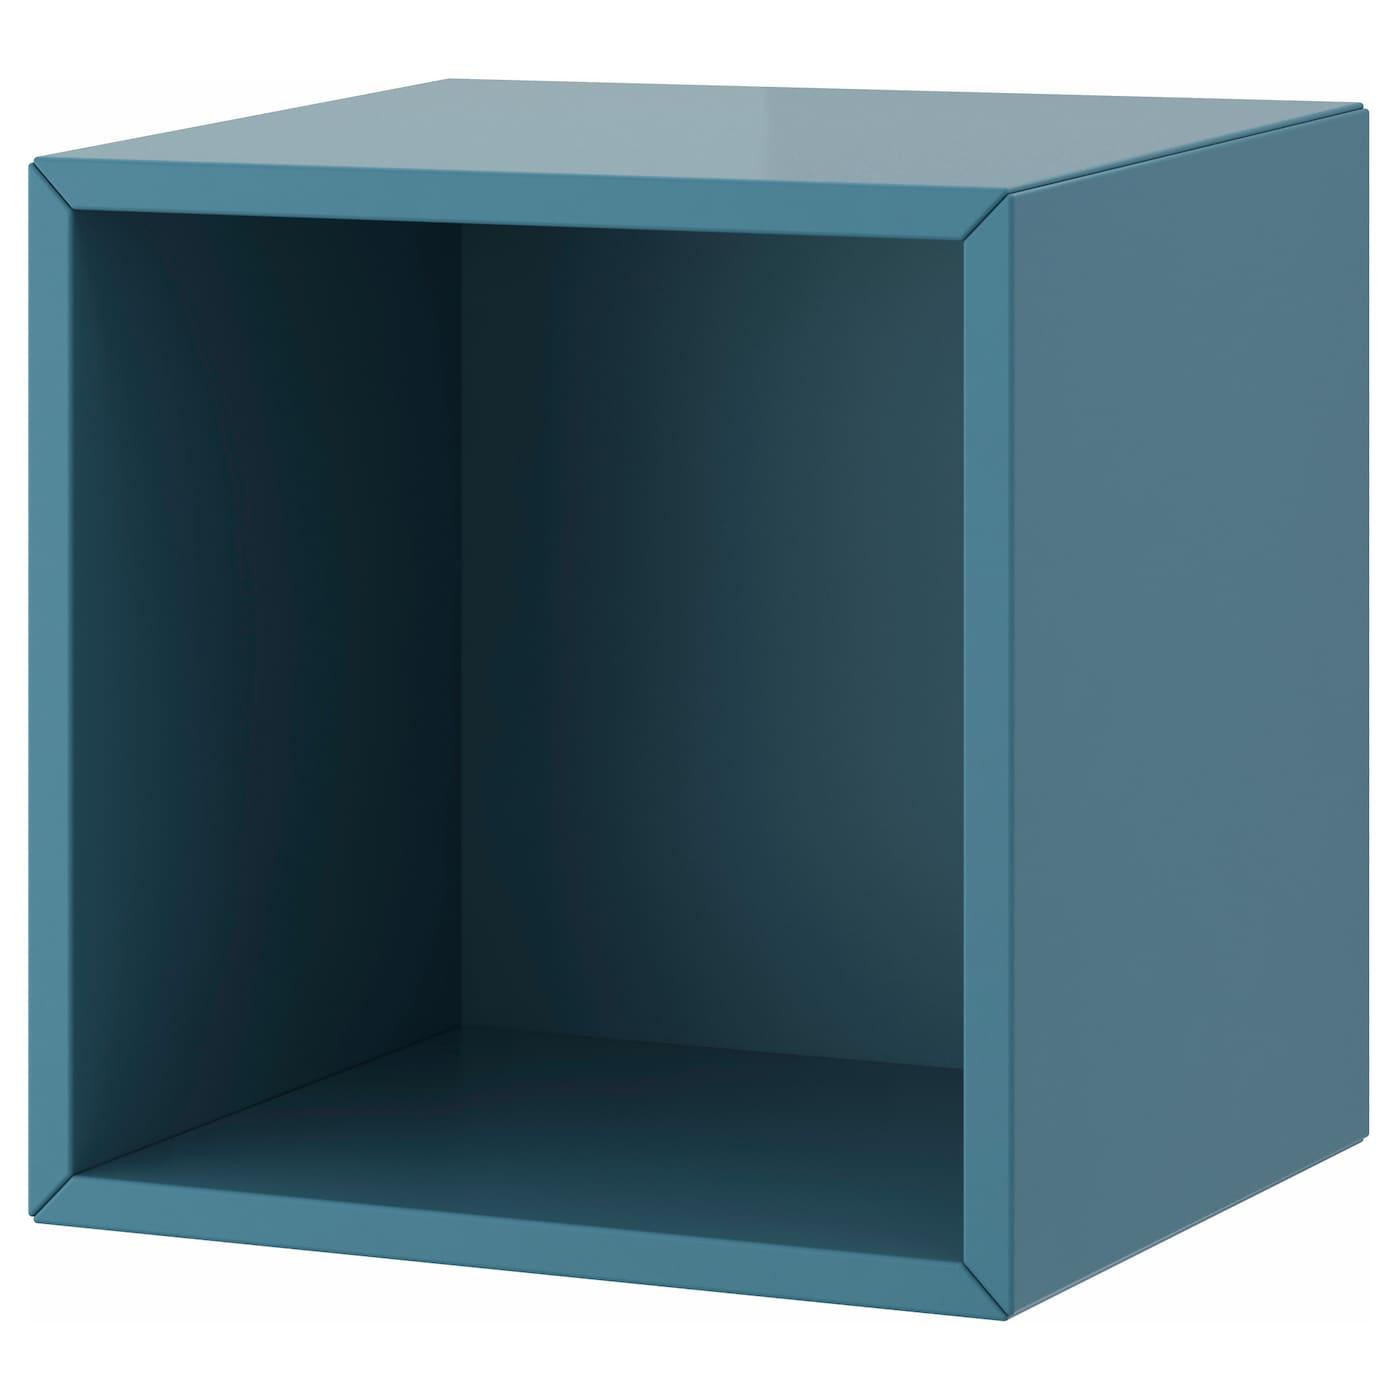 Valje wall cabinet blue turquoise 35x35 cm ikea - Cube de rangement ikea ...